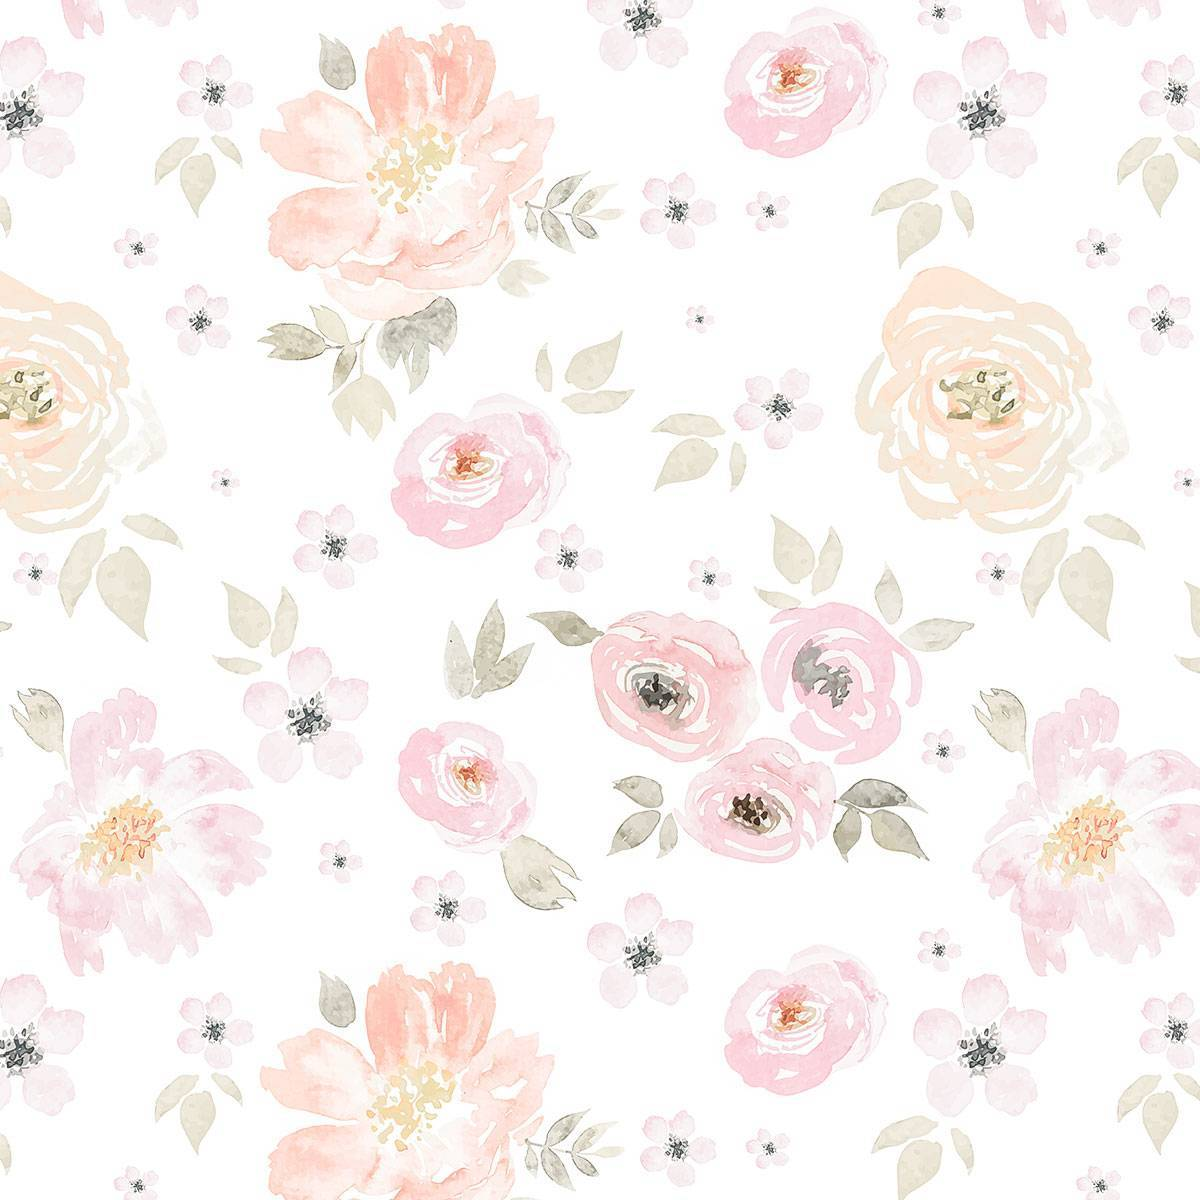 Painel Fotográfico Floral Rosa Aquarela / m² imagem 2